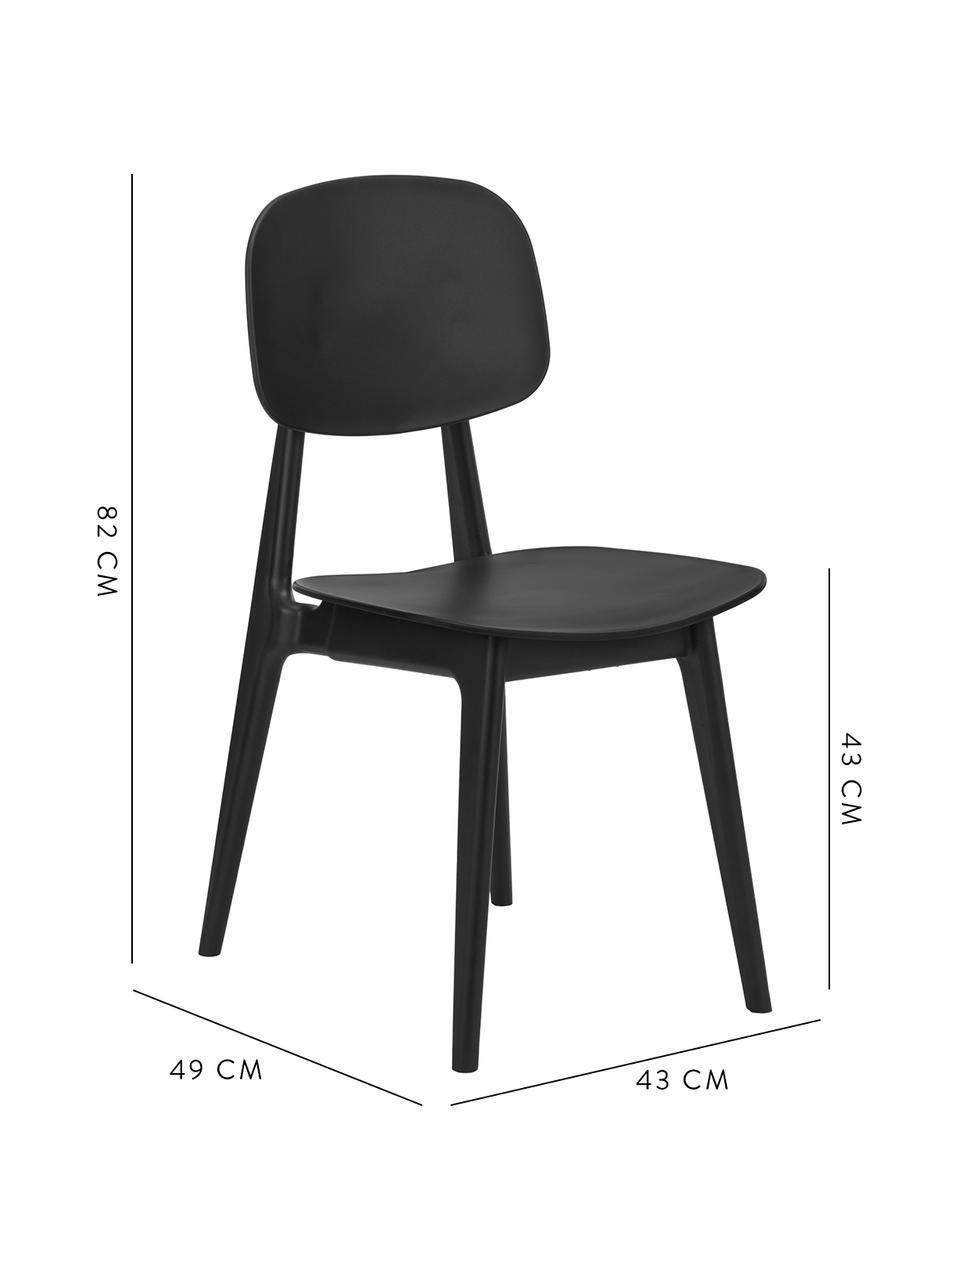 Kunststoff-Stühle Smilla, 2 Stück, Sitzfläche: Kunststoff, Beine: Kunststoff, Schwarz, matt, B 43 x T 49 cm